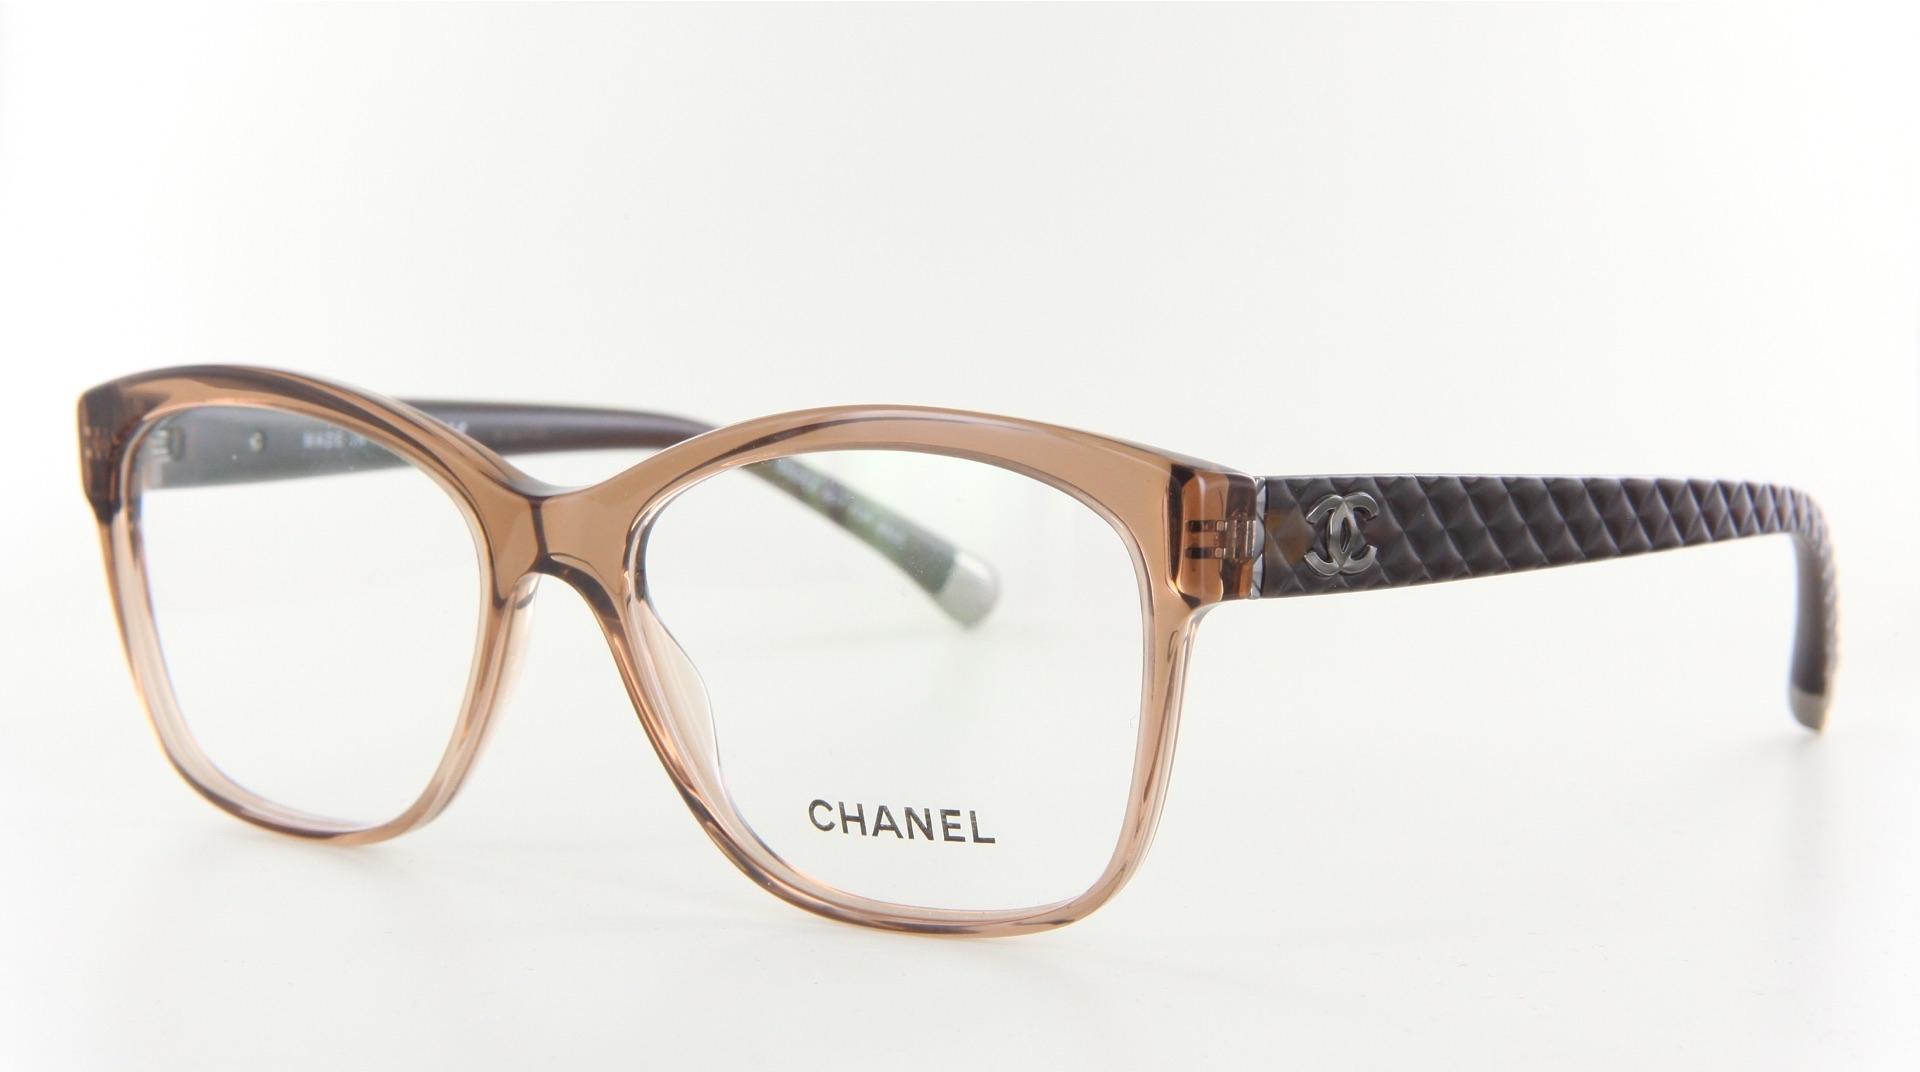 Chanel - ref: 73987